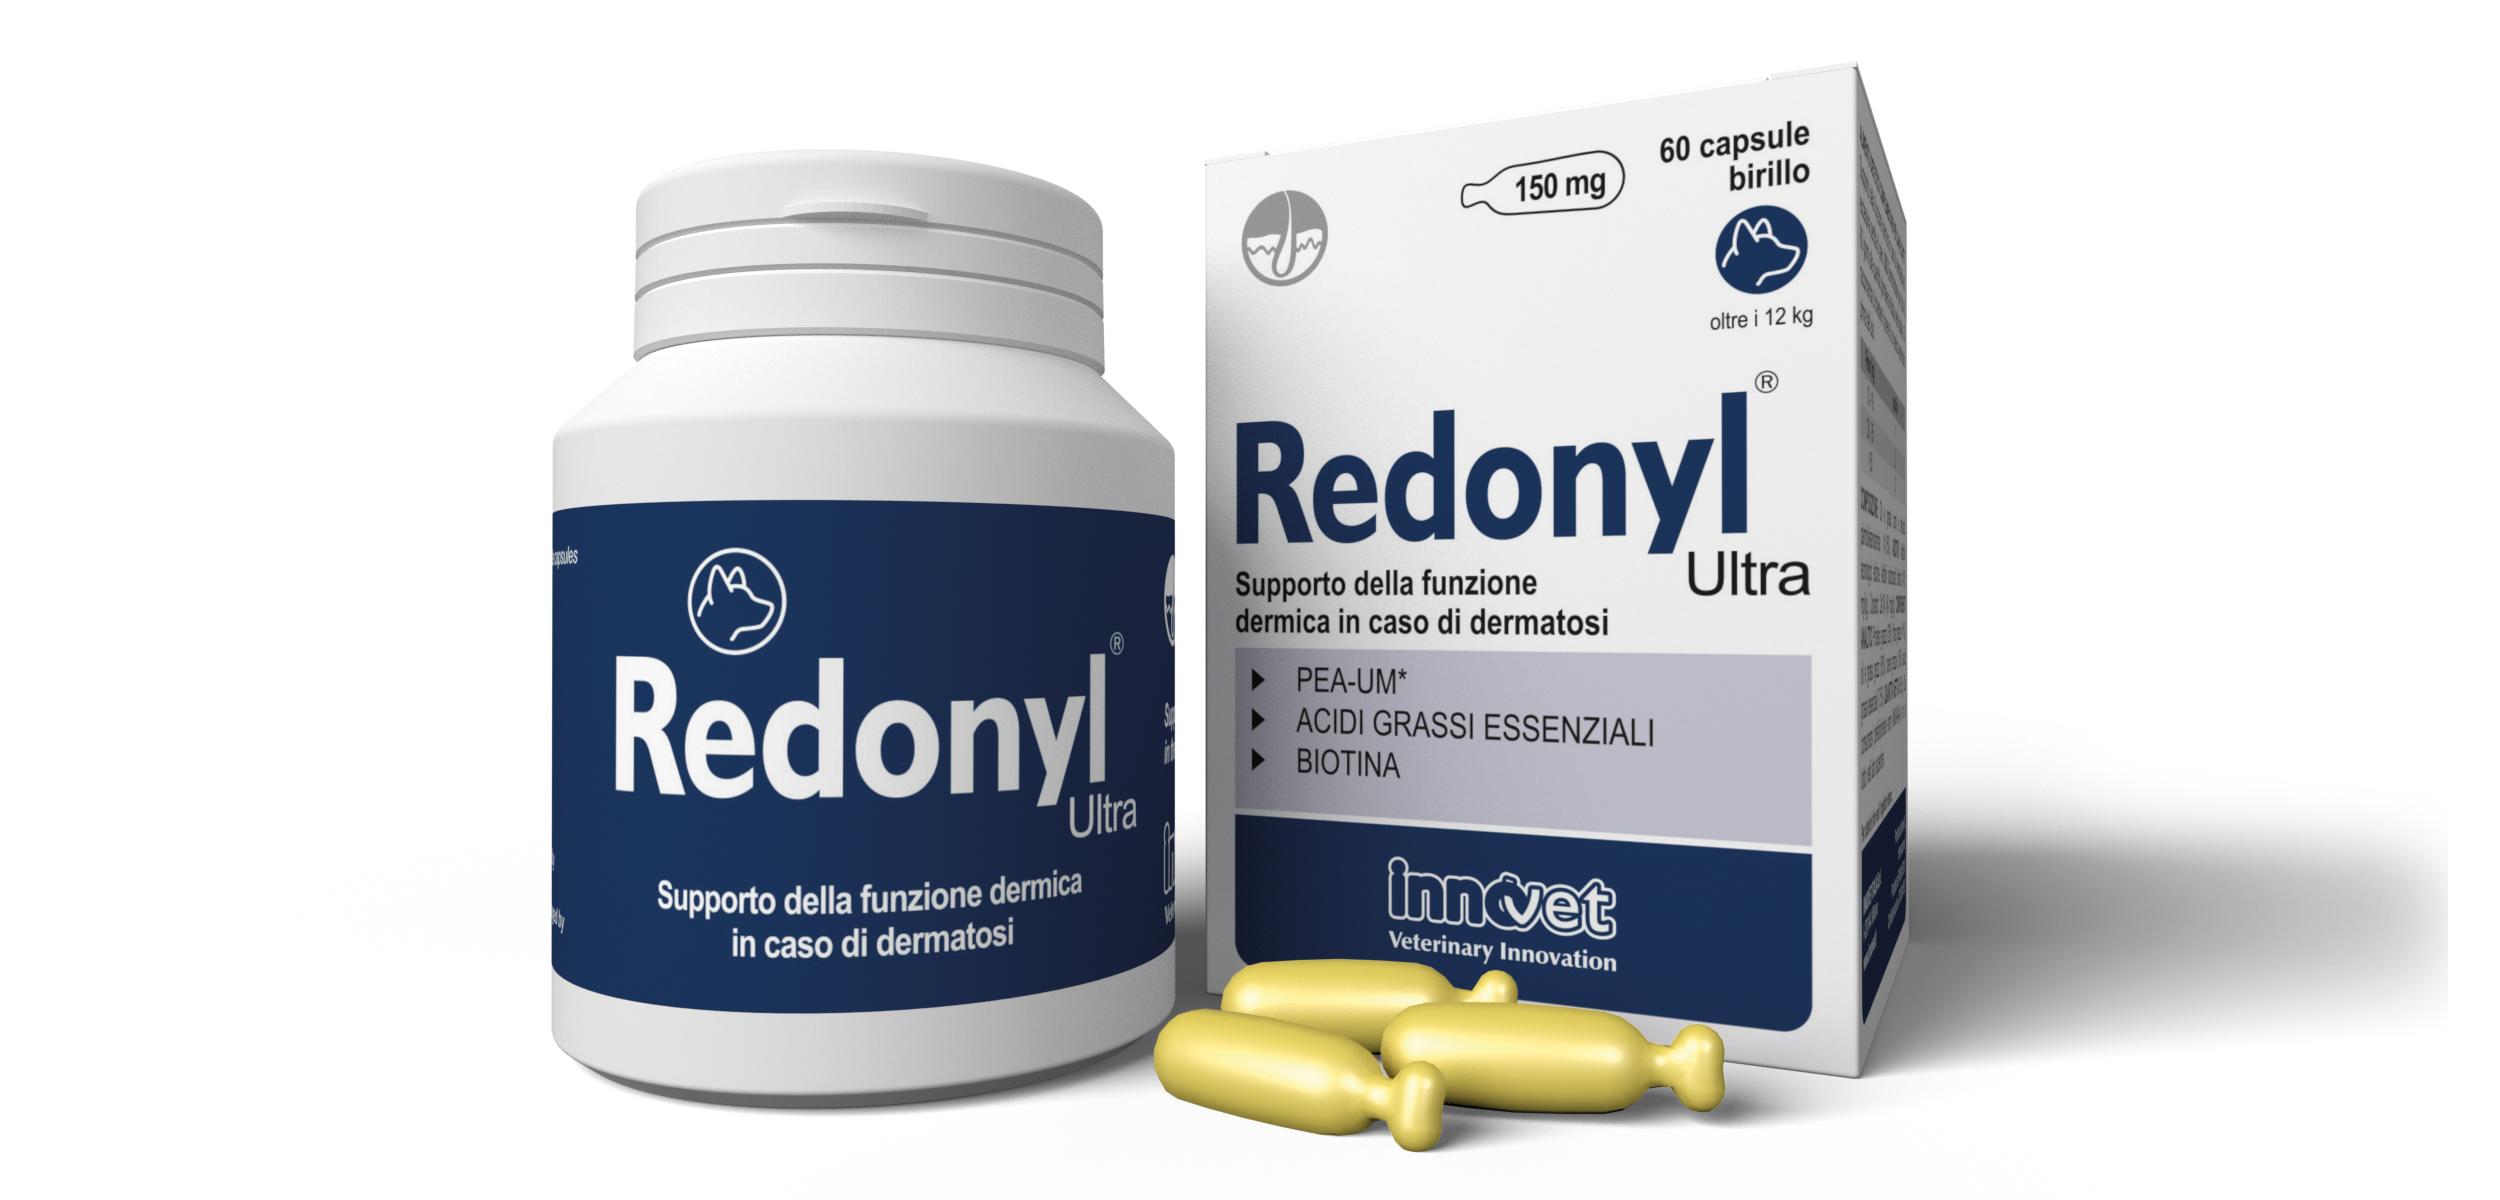 Redonyl Ultra - 1 Confezione | 60 Capsule da 150 mg